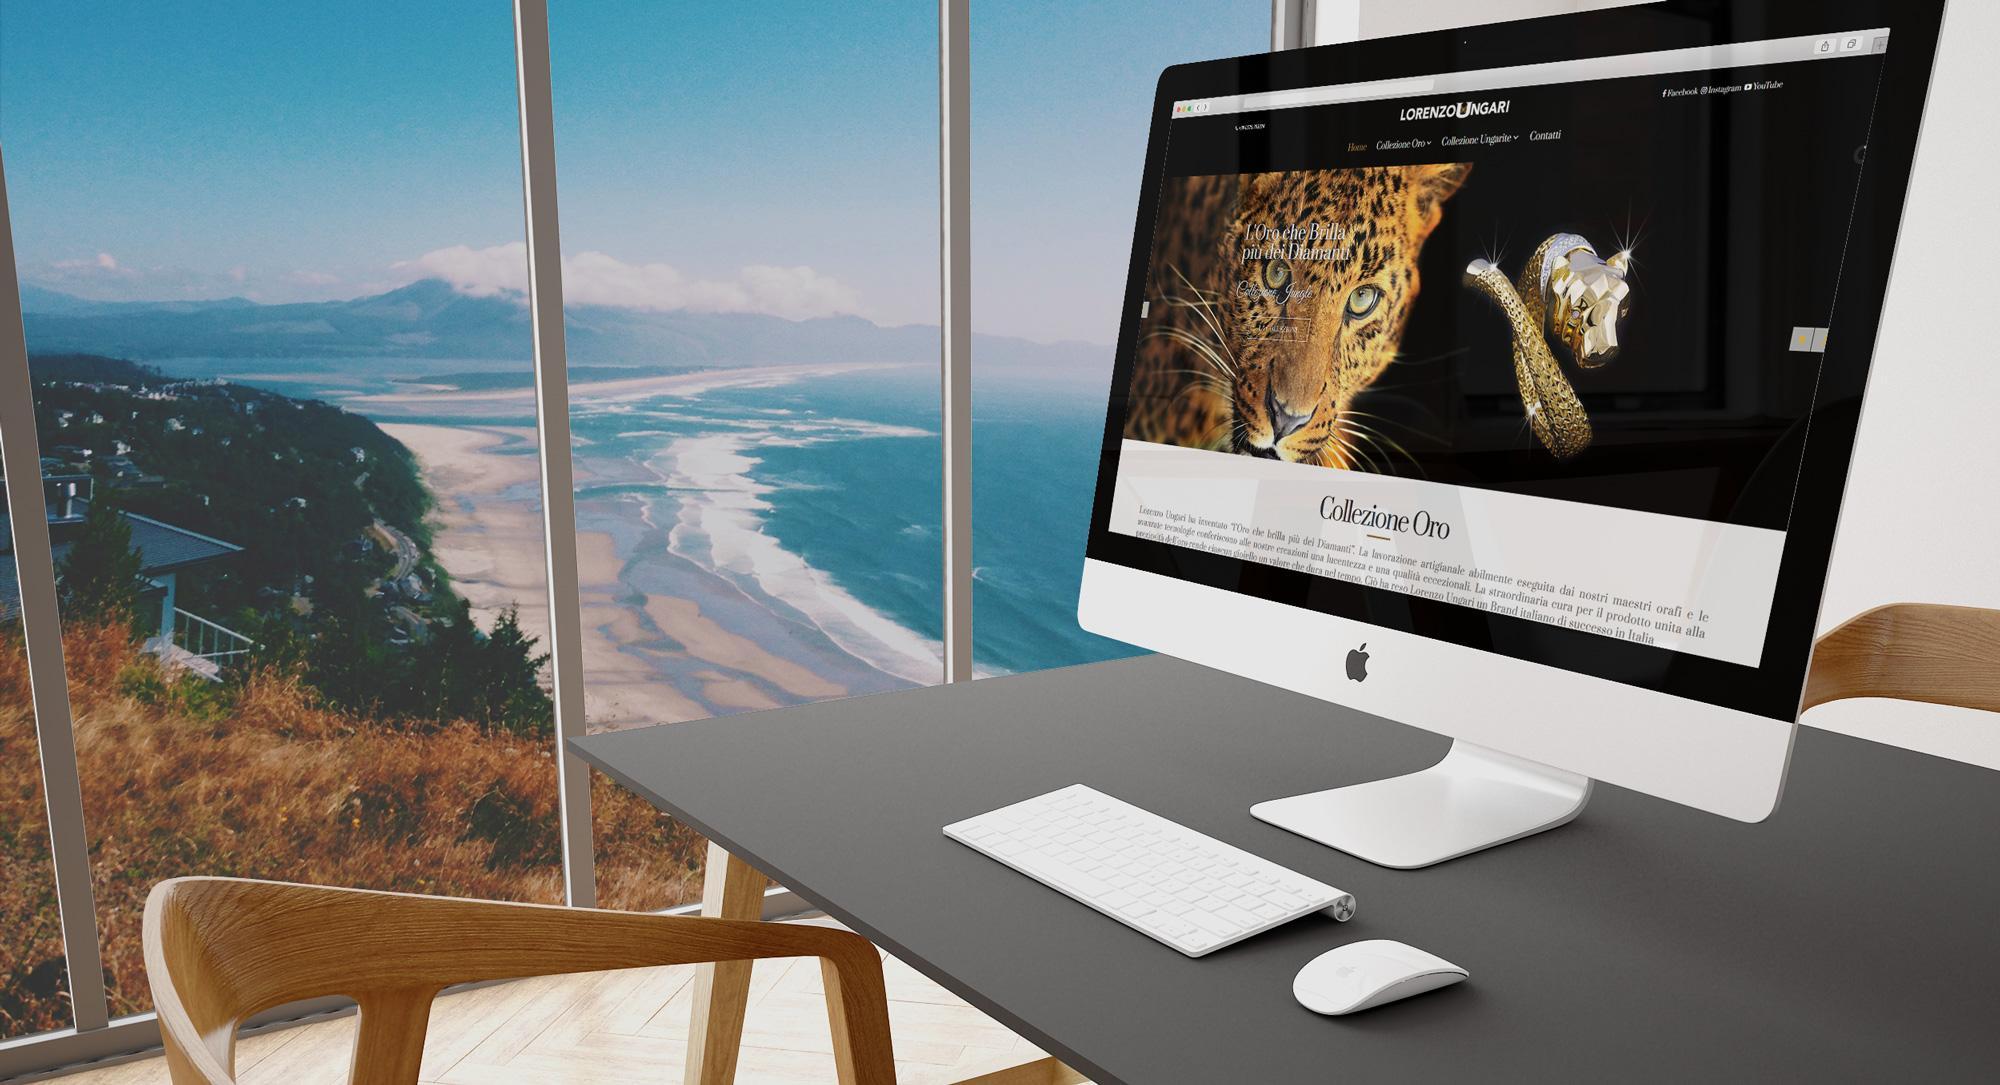 agenzia grafica arezzo  realizzazione siti web ecommerce 251c17d5e35